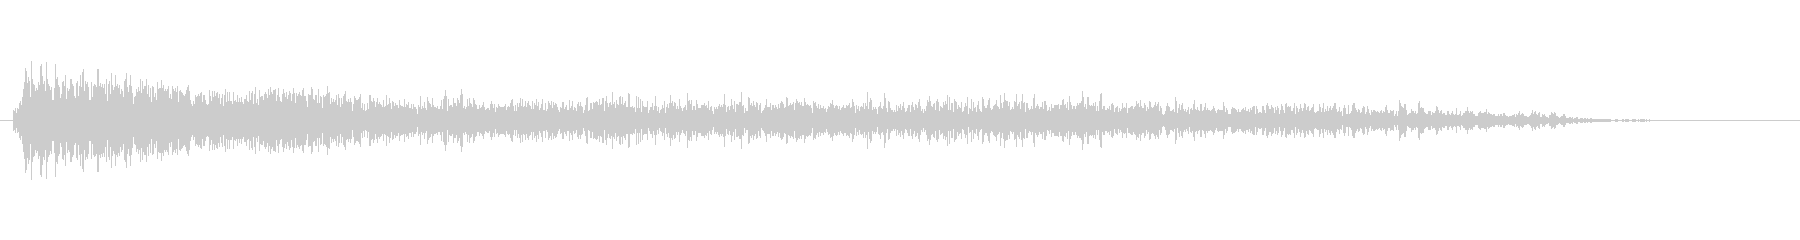 ジャーン【オケヒ】音程低めの未再生の波形